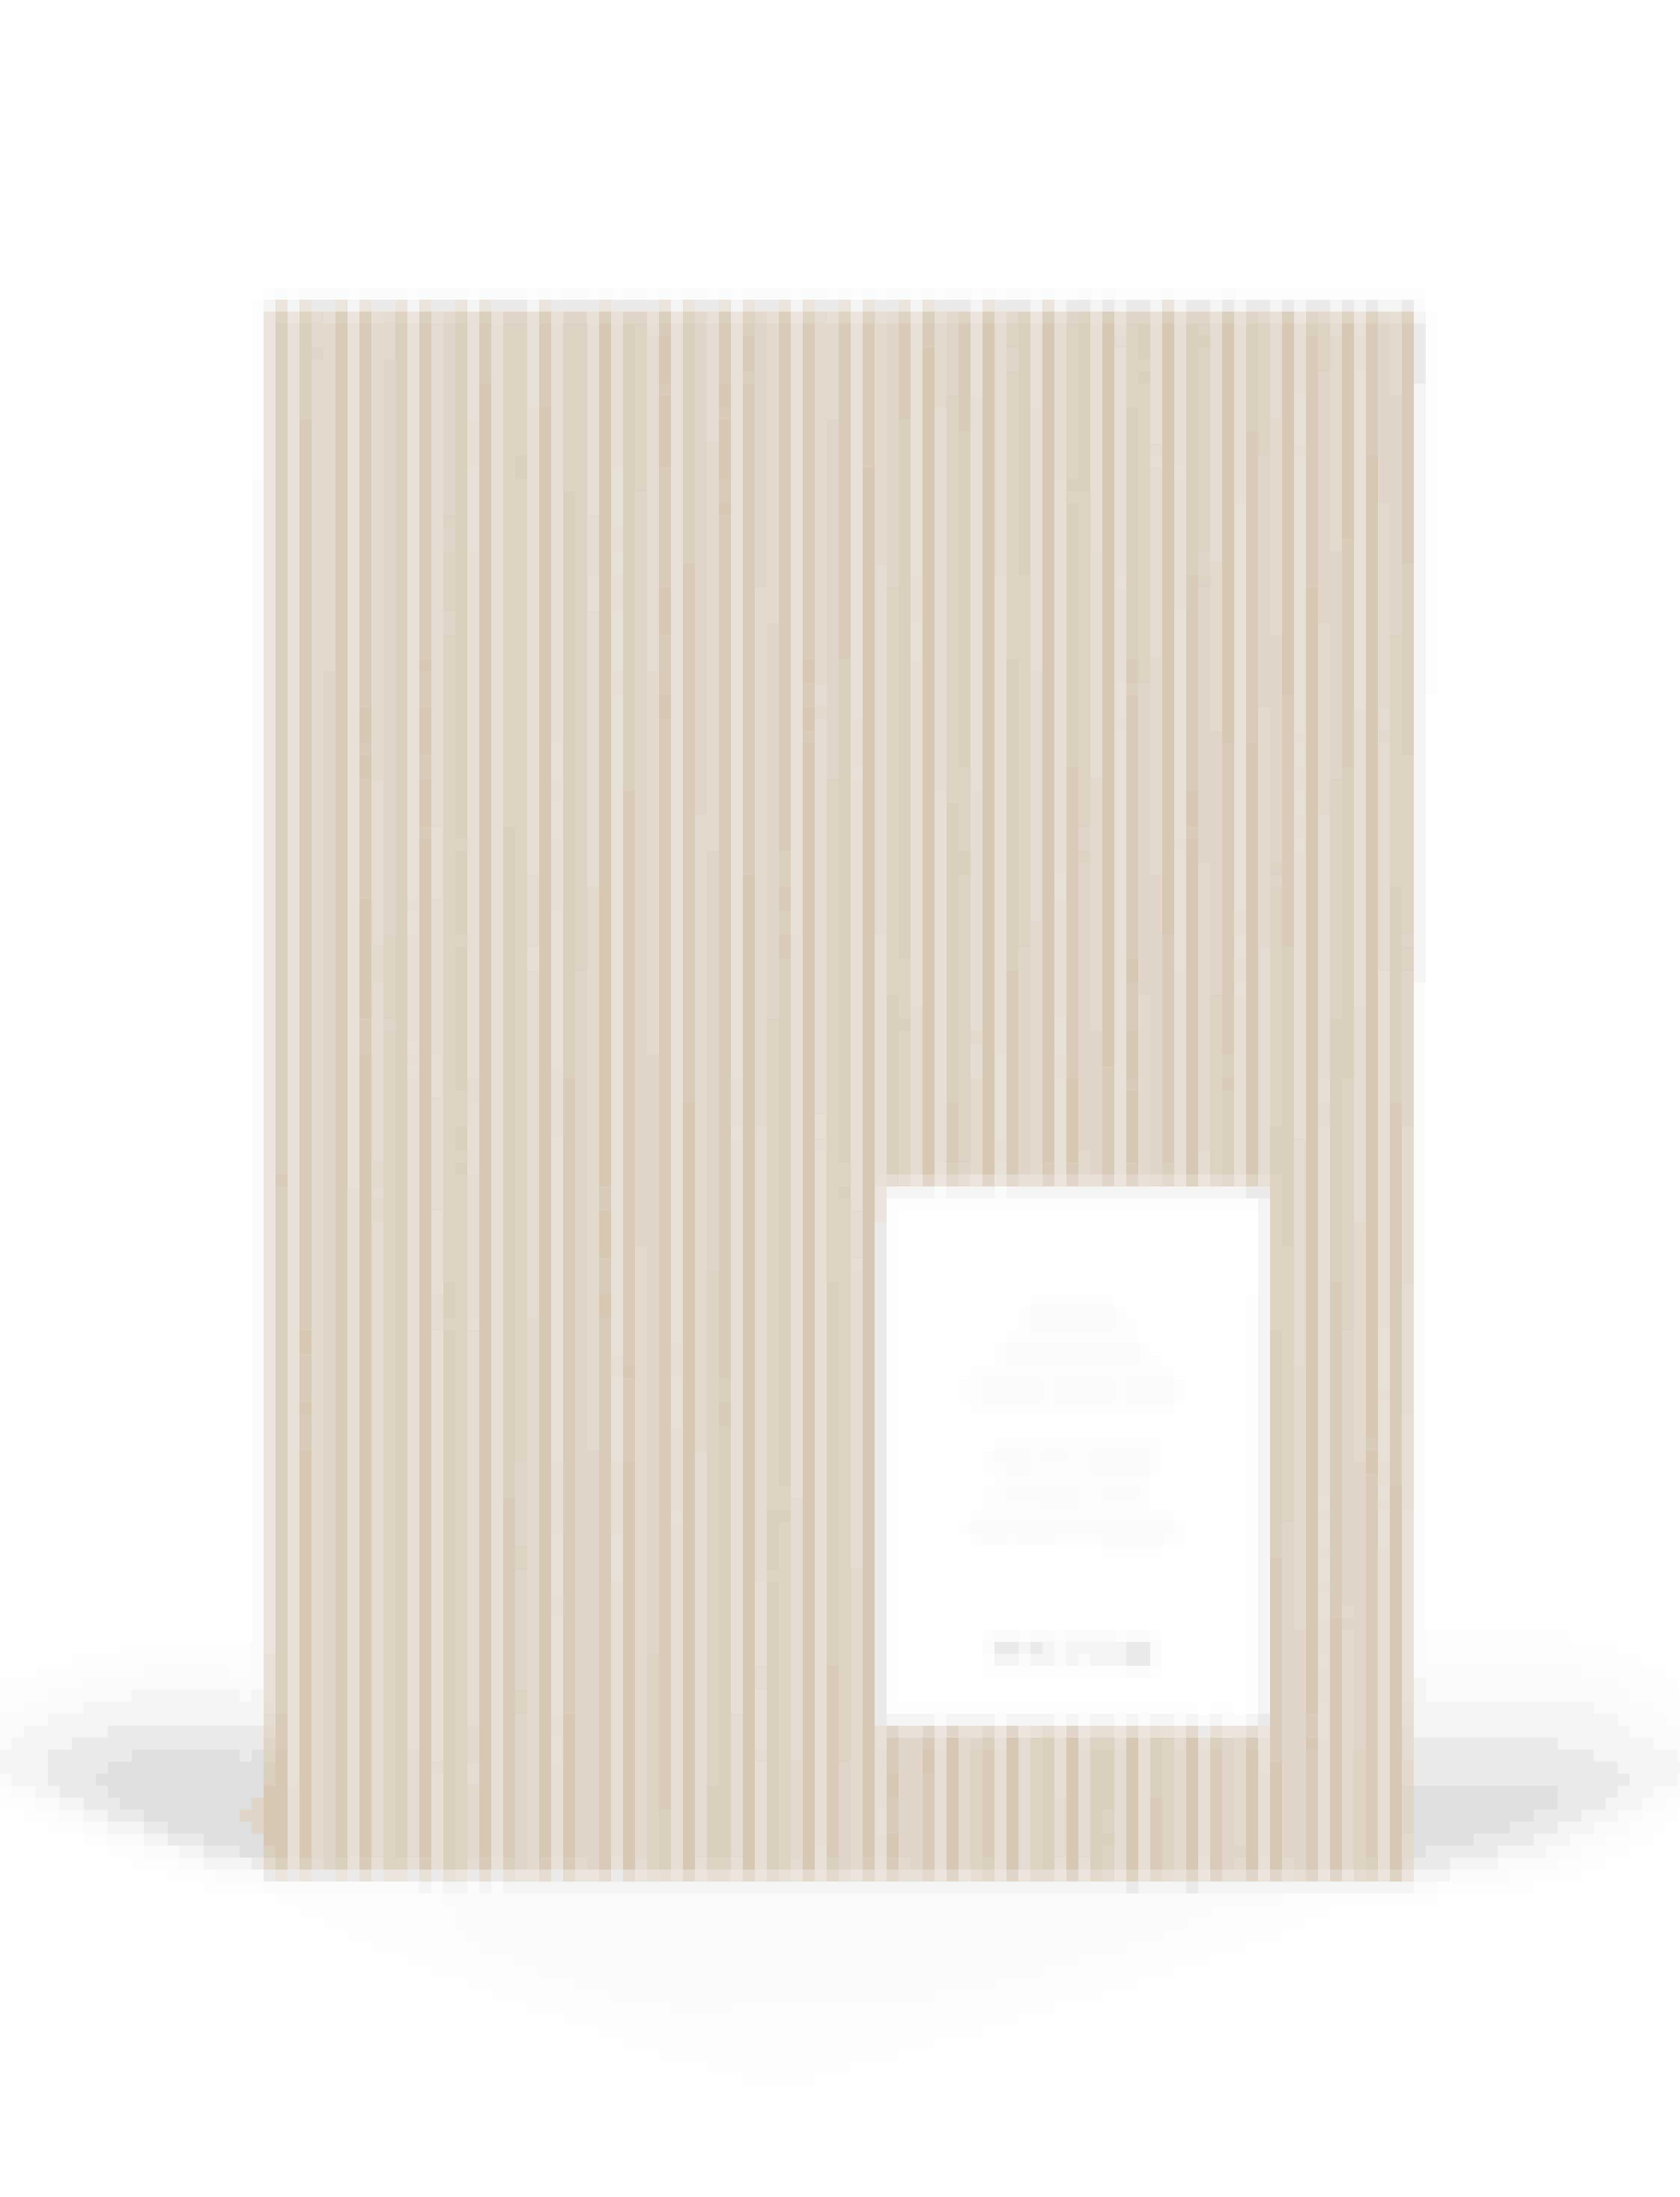 Notesbog, Notem, 69 kr.Køb online her.